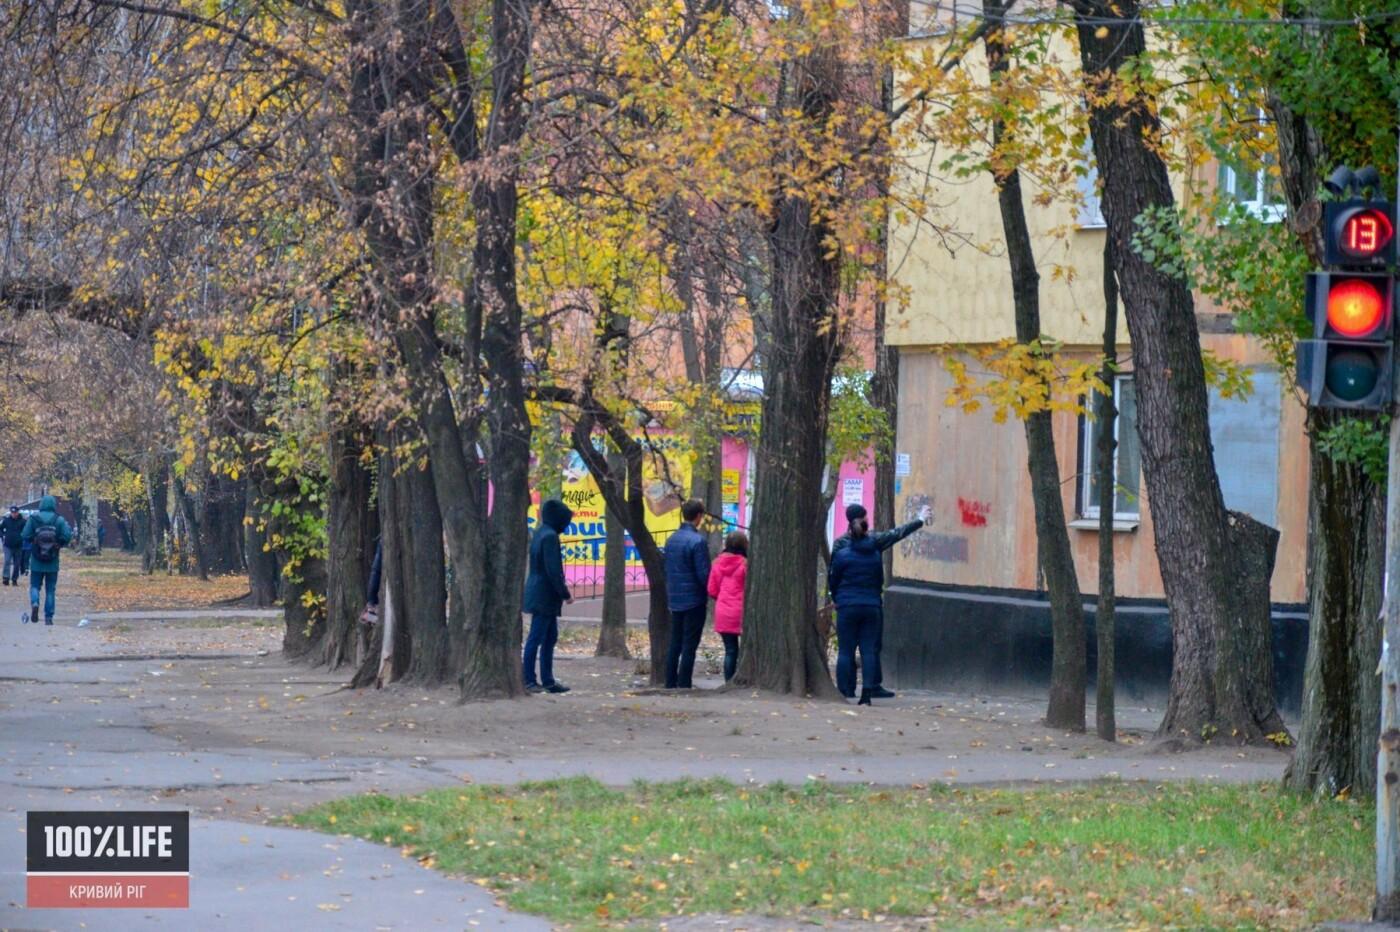 Криворожские подростки вместе с копами зарисовывали незаконную рекламу наркотиков, - ФОТО , фото-19